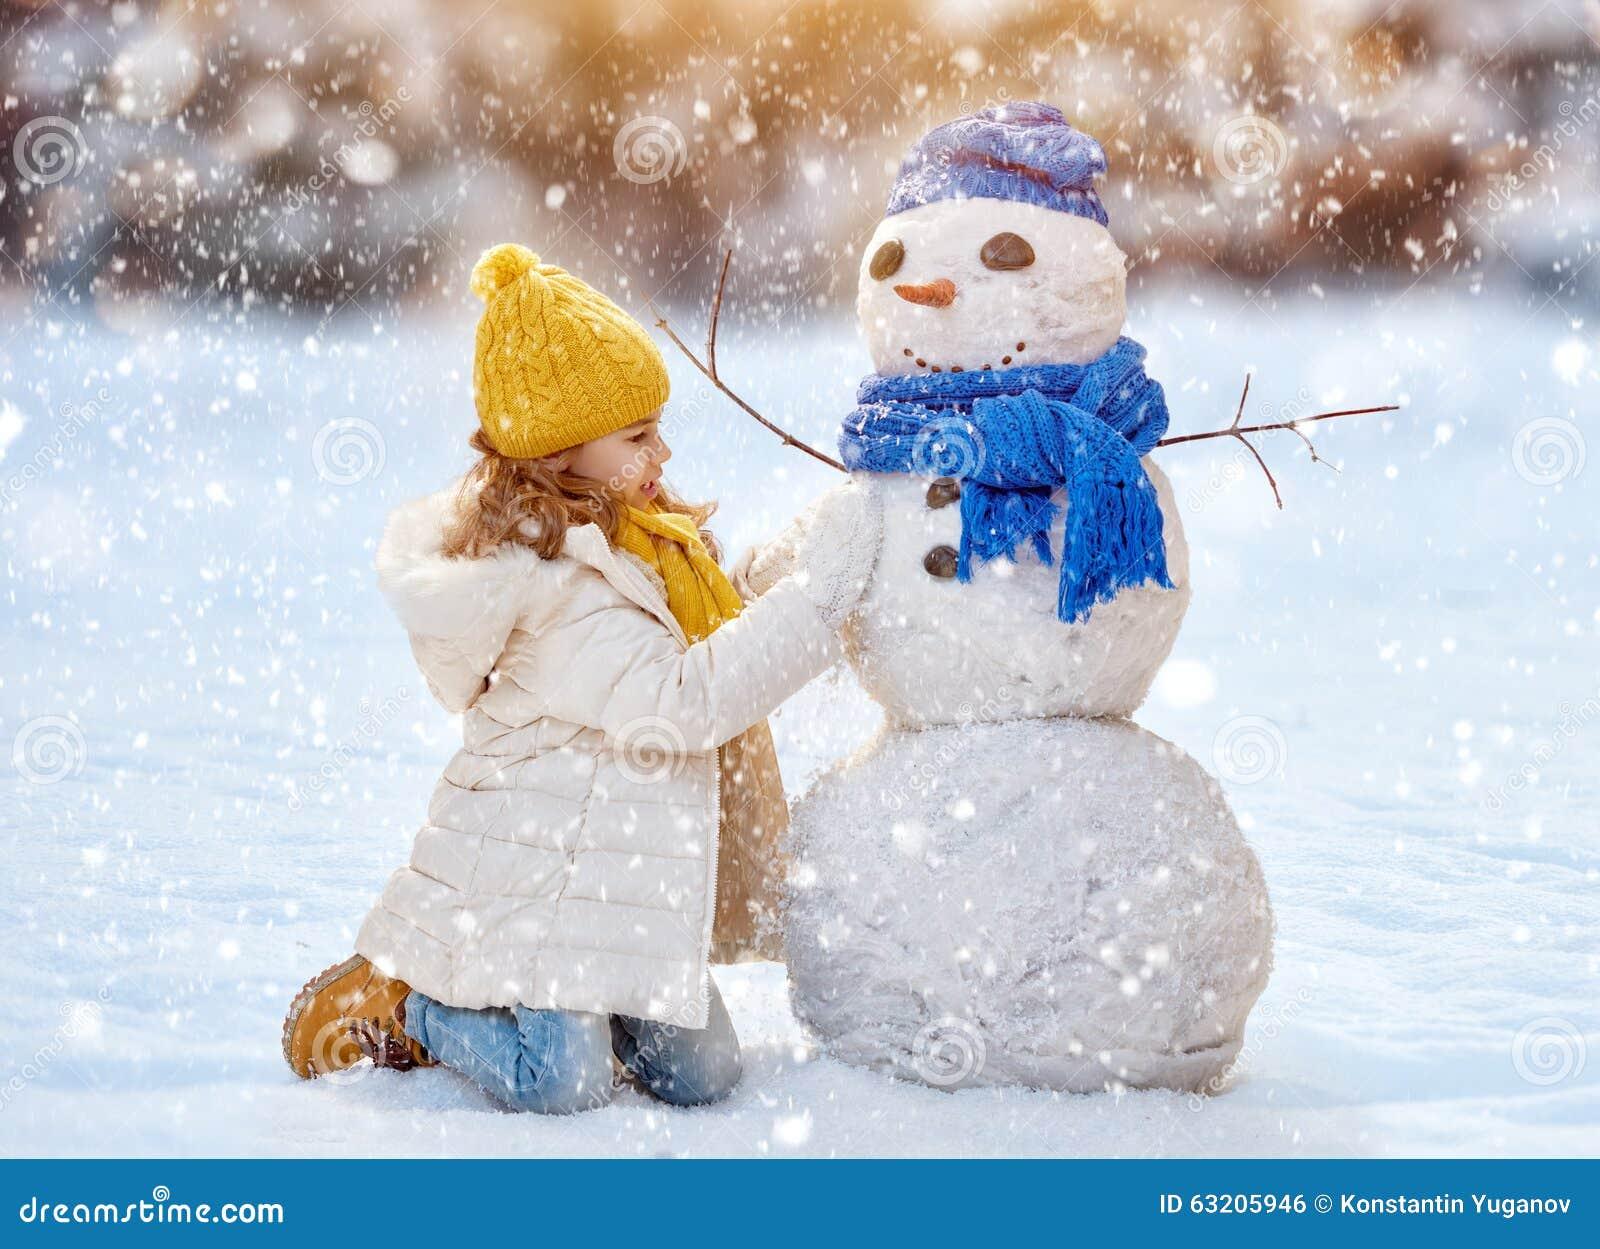 Download Девушка играя с снеговиком стоковое фото. изображение насчитывающей природа - 63205946